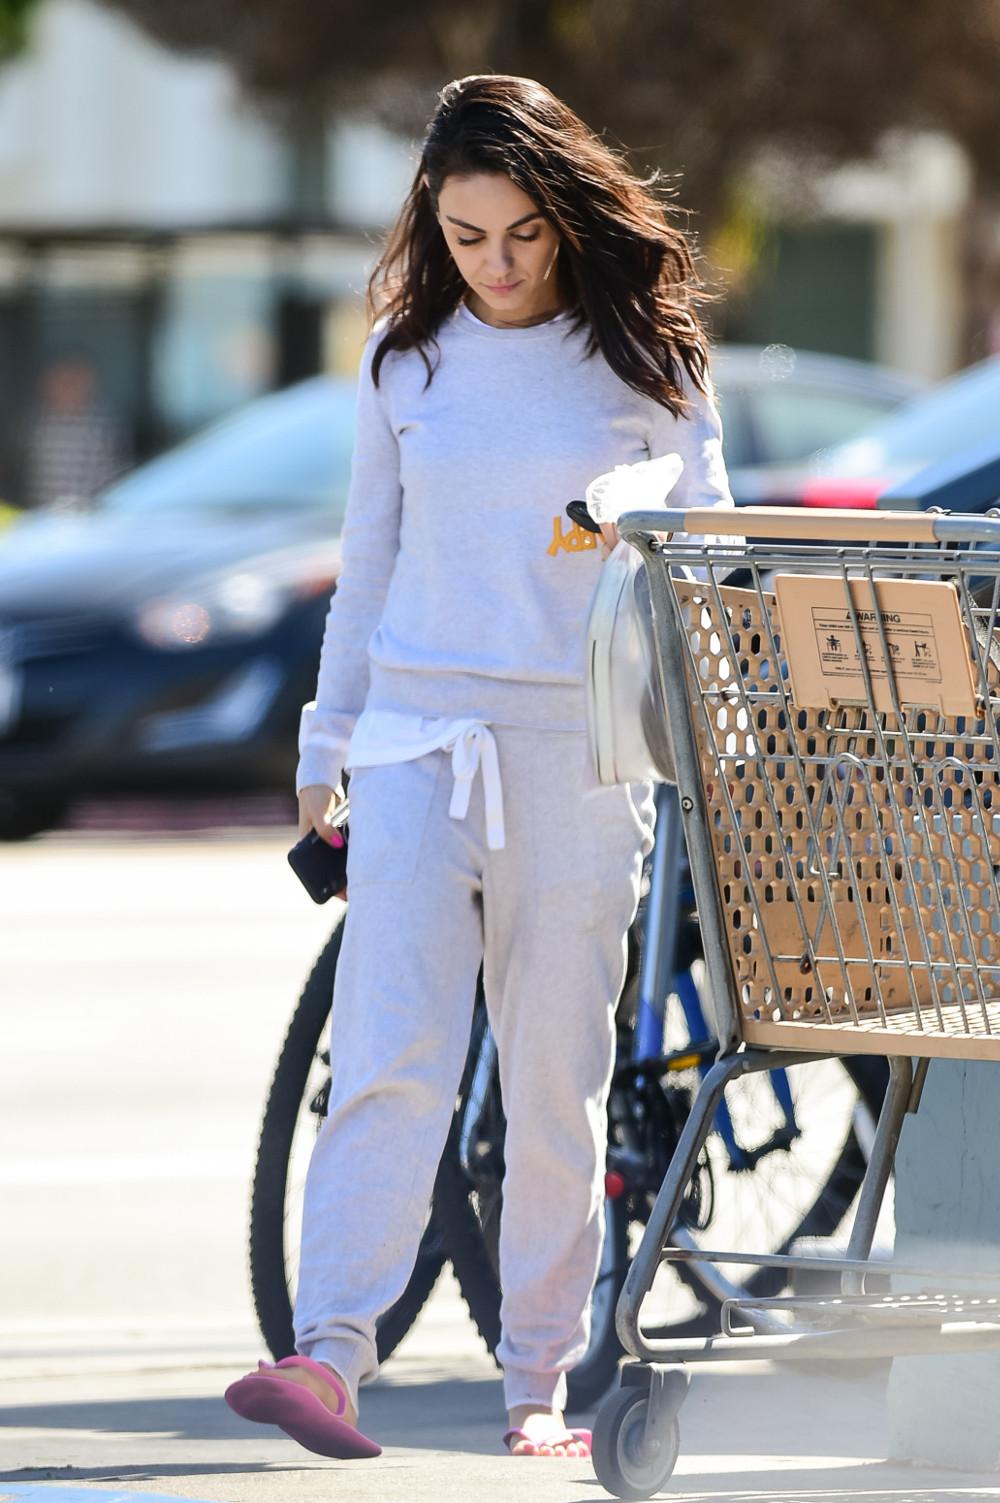 Ακόμη και τα ψώνια στο σούπερ μάρκετ, μόνη της τα κάνει η Μίλα Κούνις